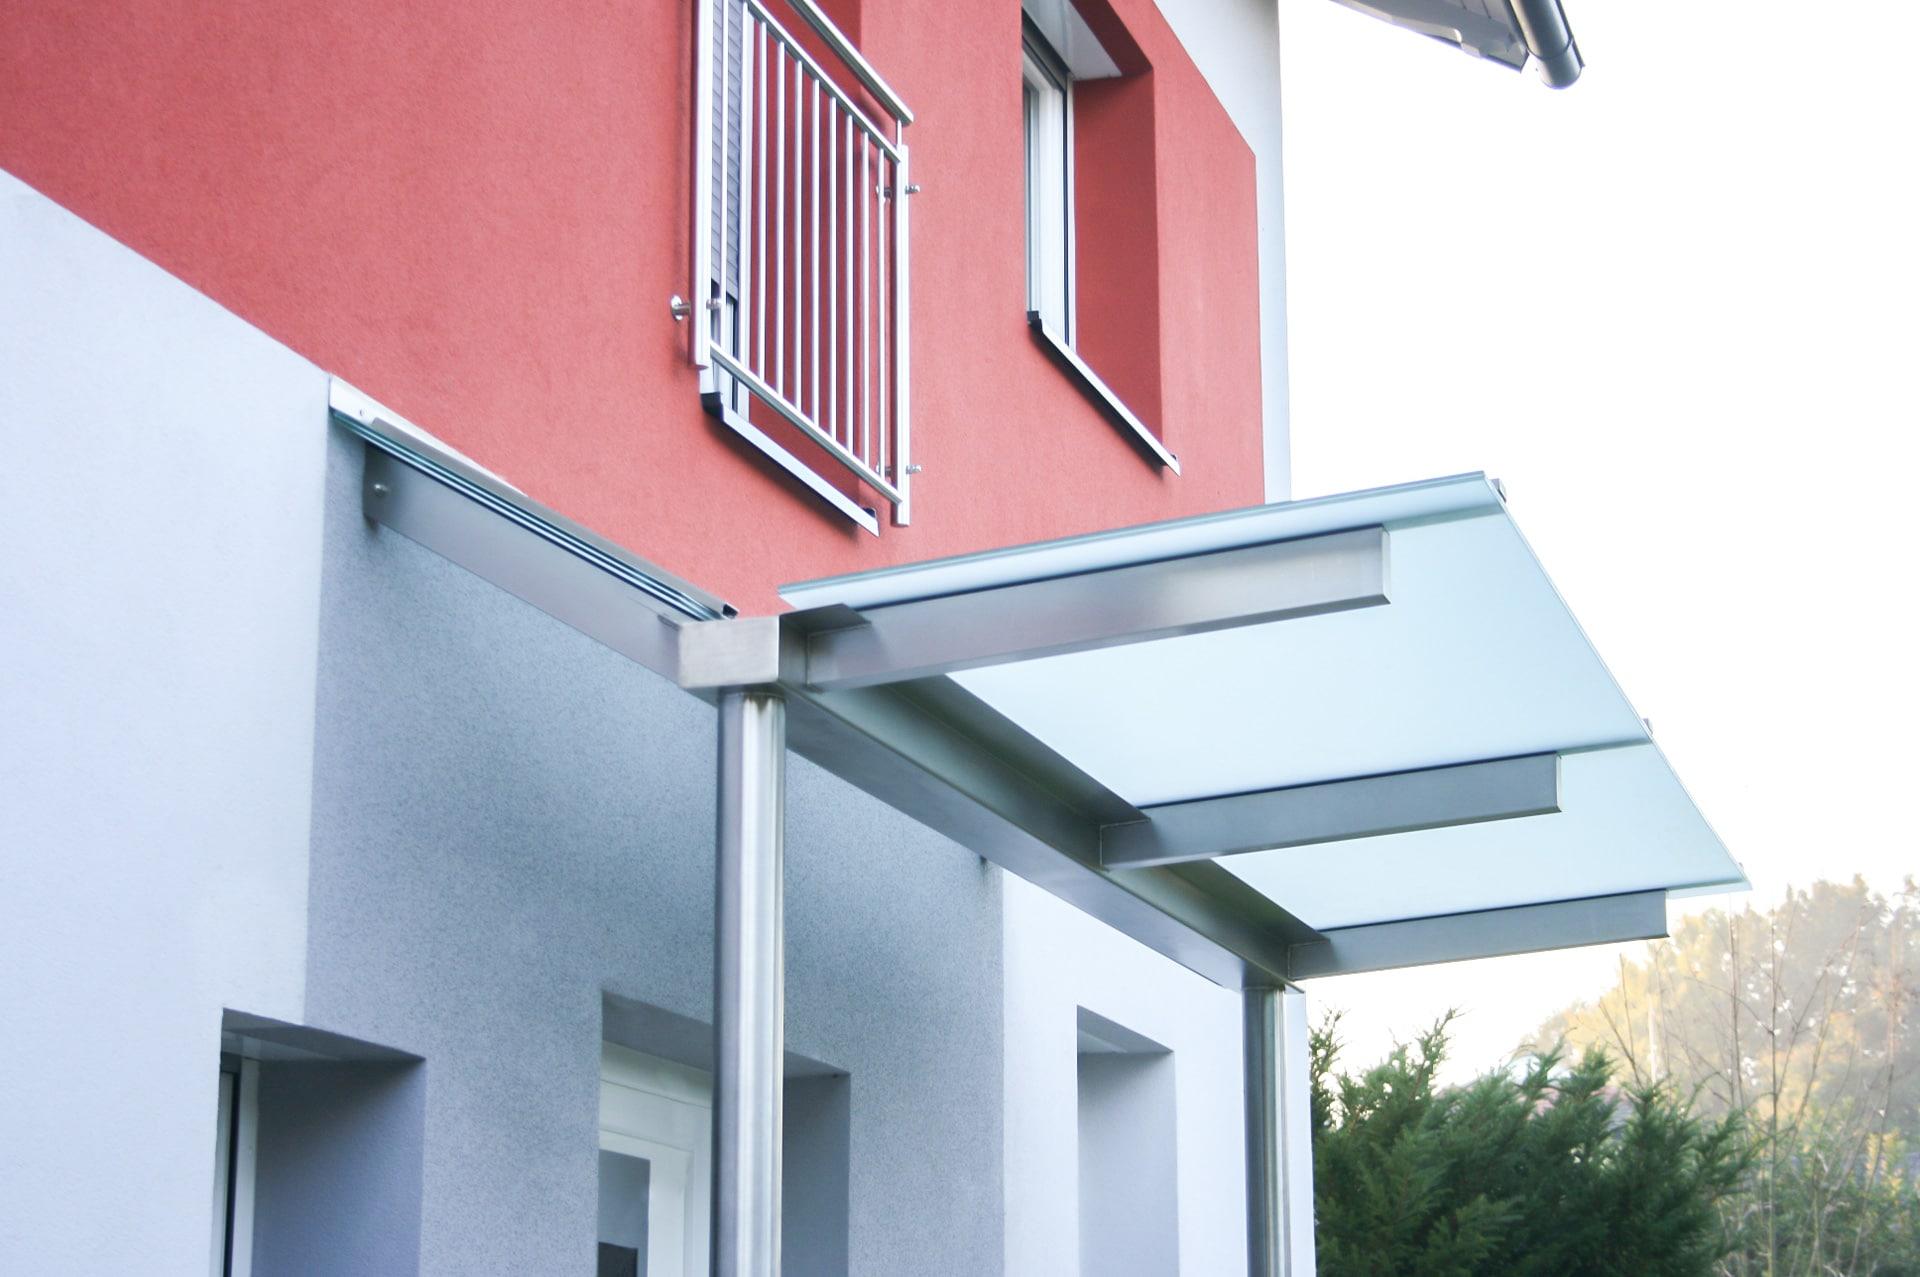 Vordach Niro 13 a | Nirosta-Vordach V-Form mit mittiger Dachrinne und Edelstahlsteher | Svoboda